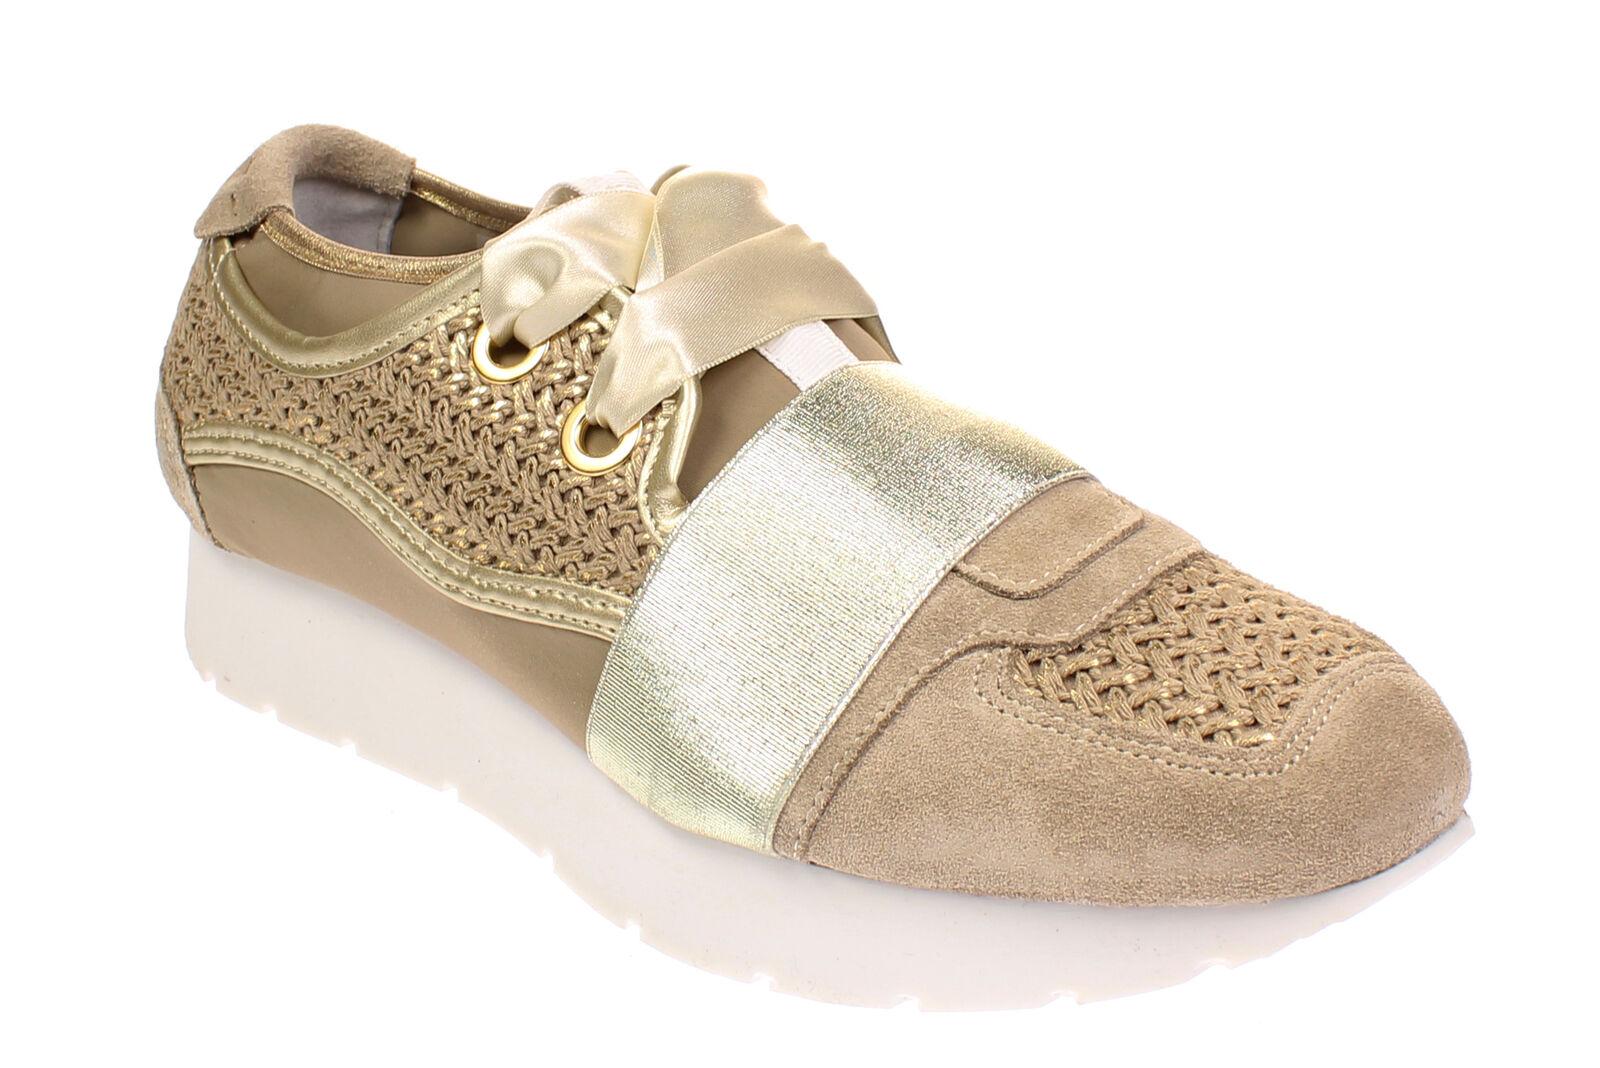 Los zapatos más populares para hombres y mujeres Barato y cómodo Tango OONA 8-A - Damen Schuhe Sneaker - 300-beige